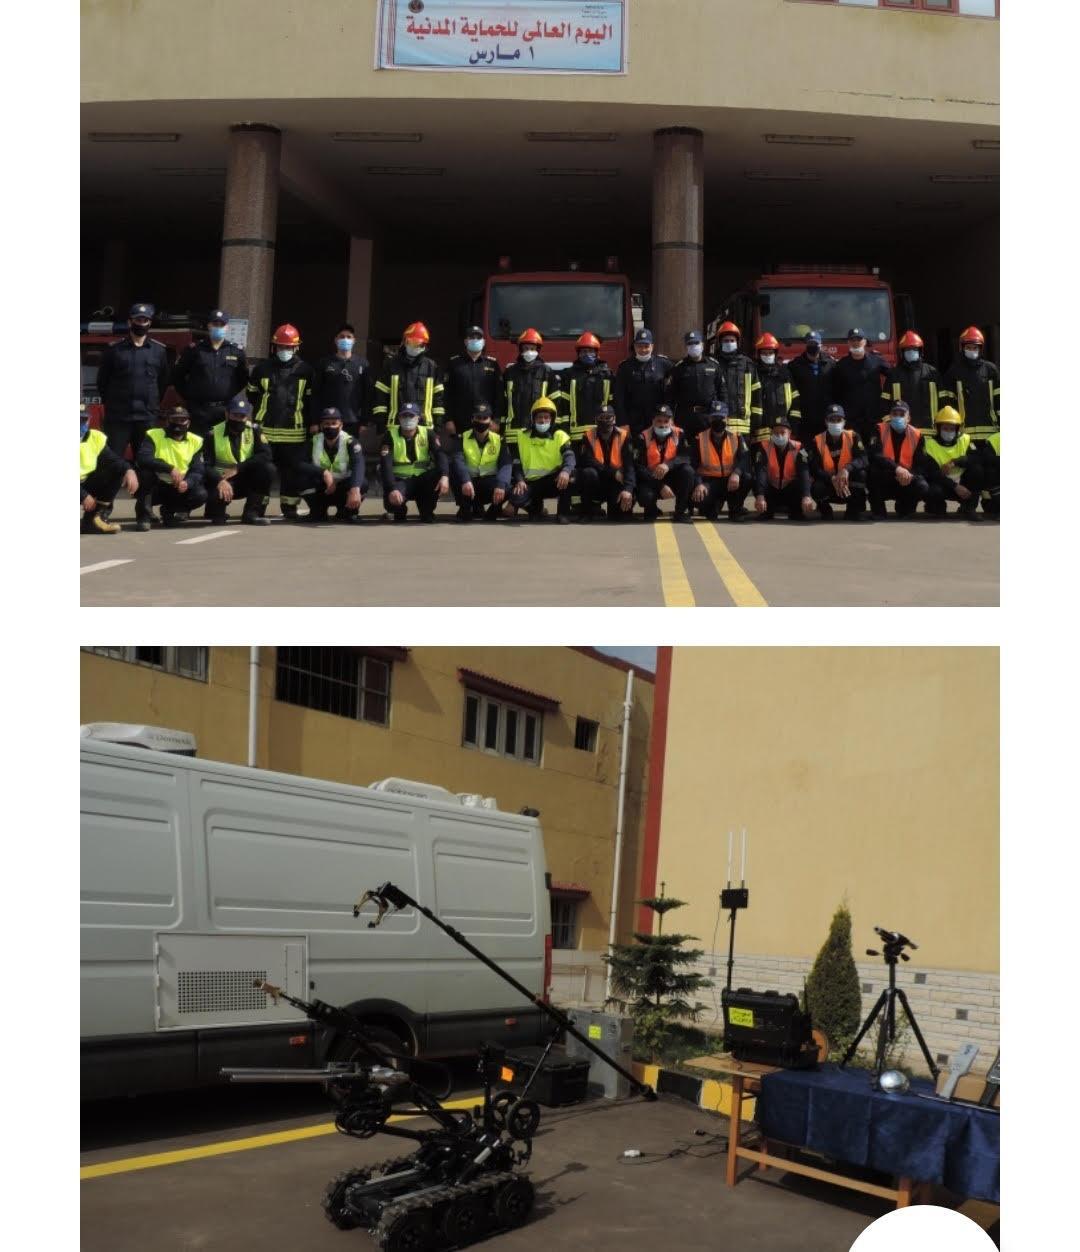 عروض تبرز كفاءة رجال الحماية المدنية في اليوم العالمي